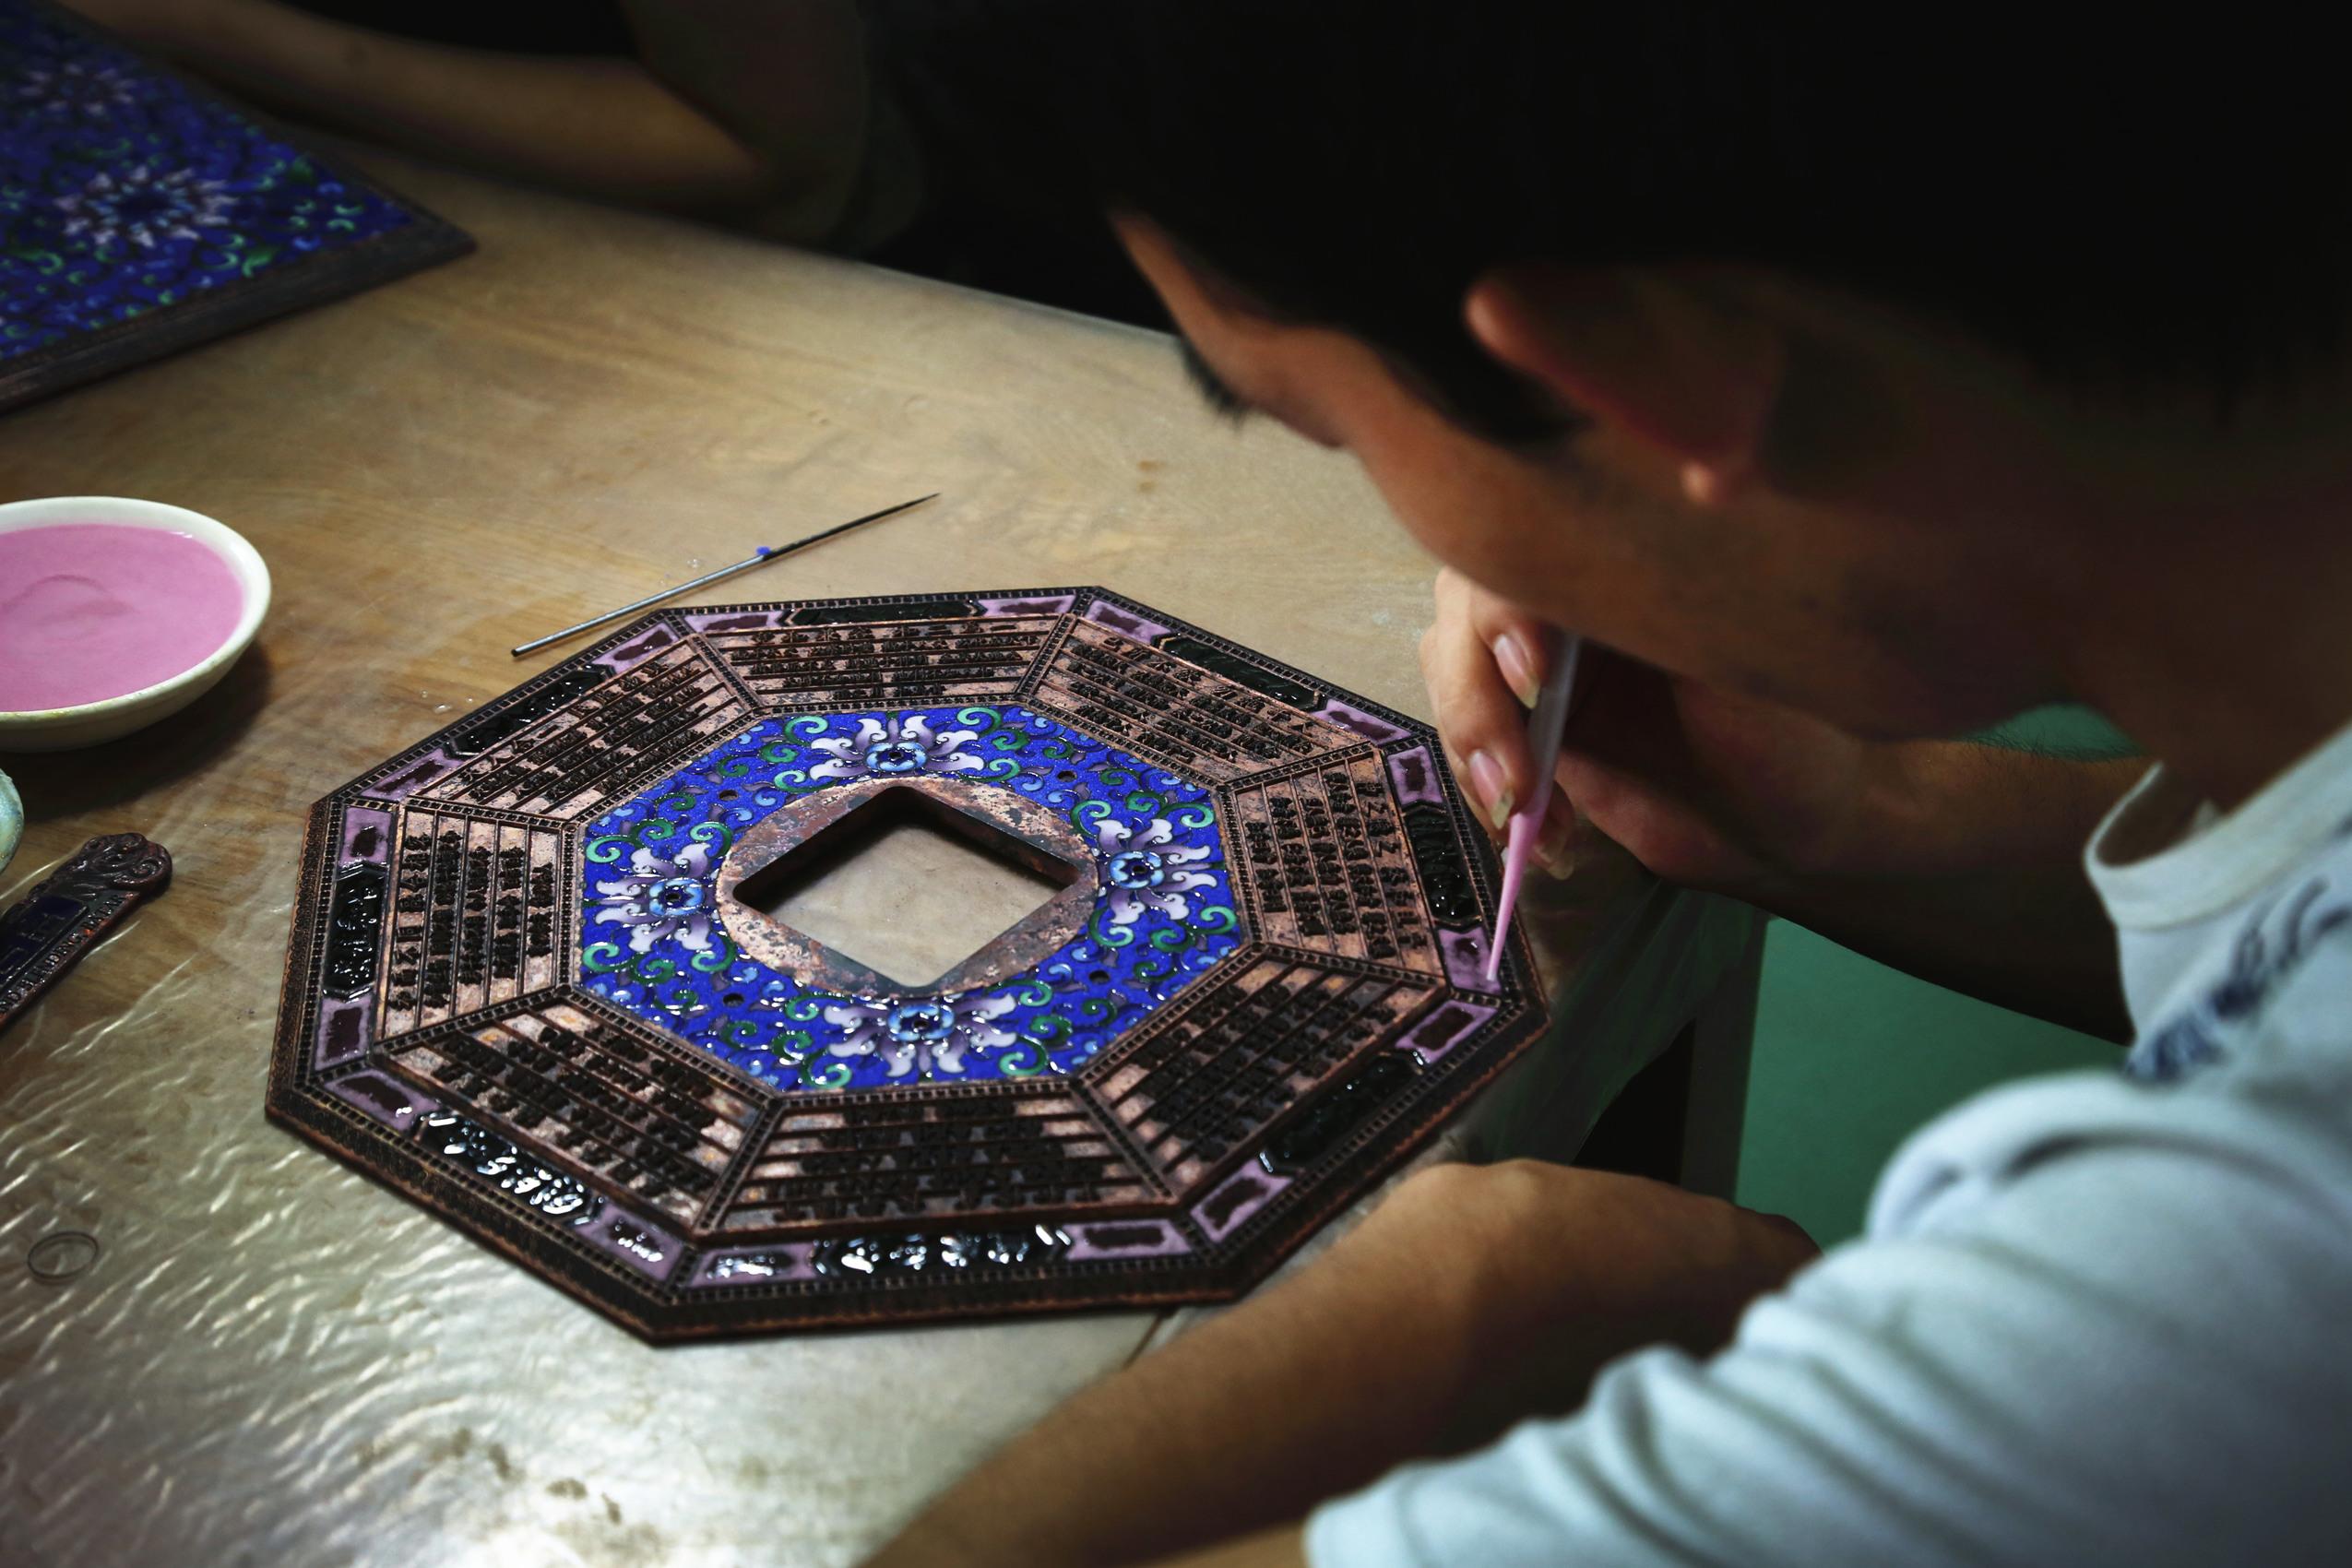 2017年9月5日,景泰蓝工匠进行点蓝工序。中国网记者 赵超 摄